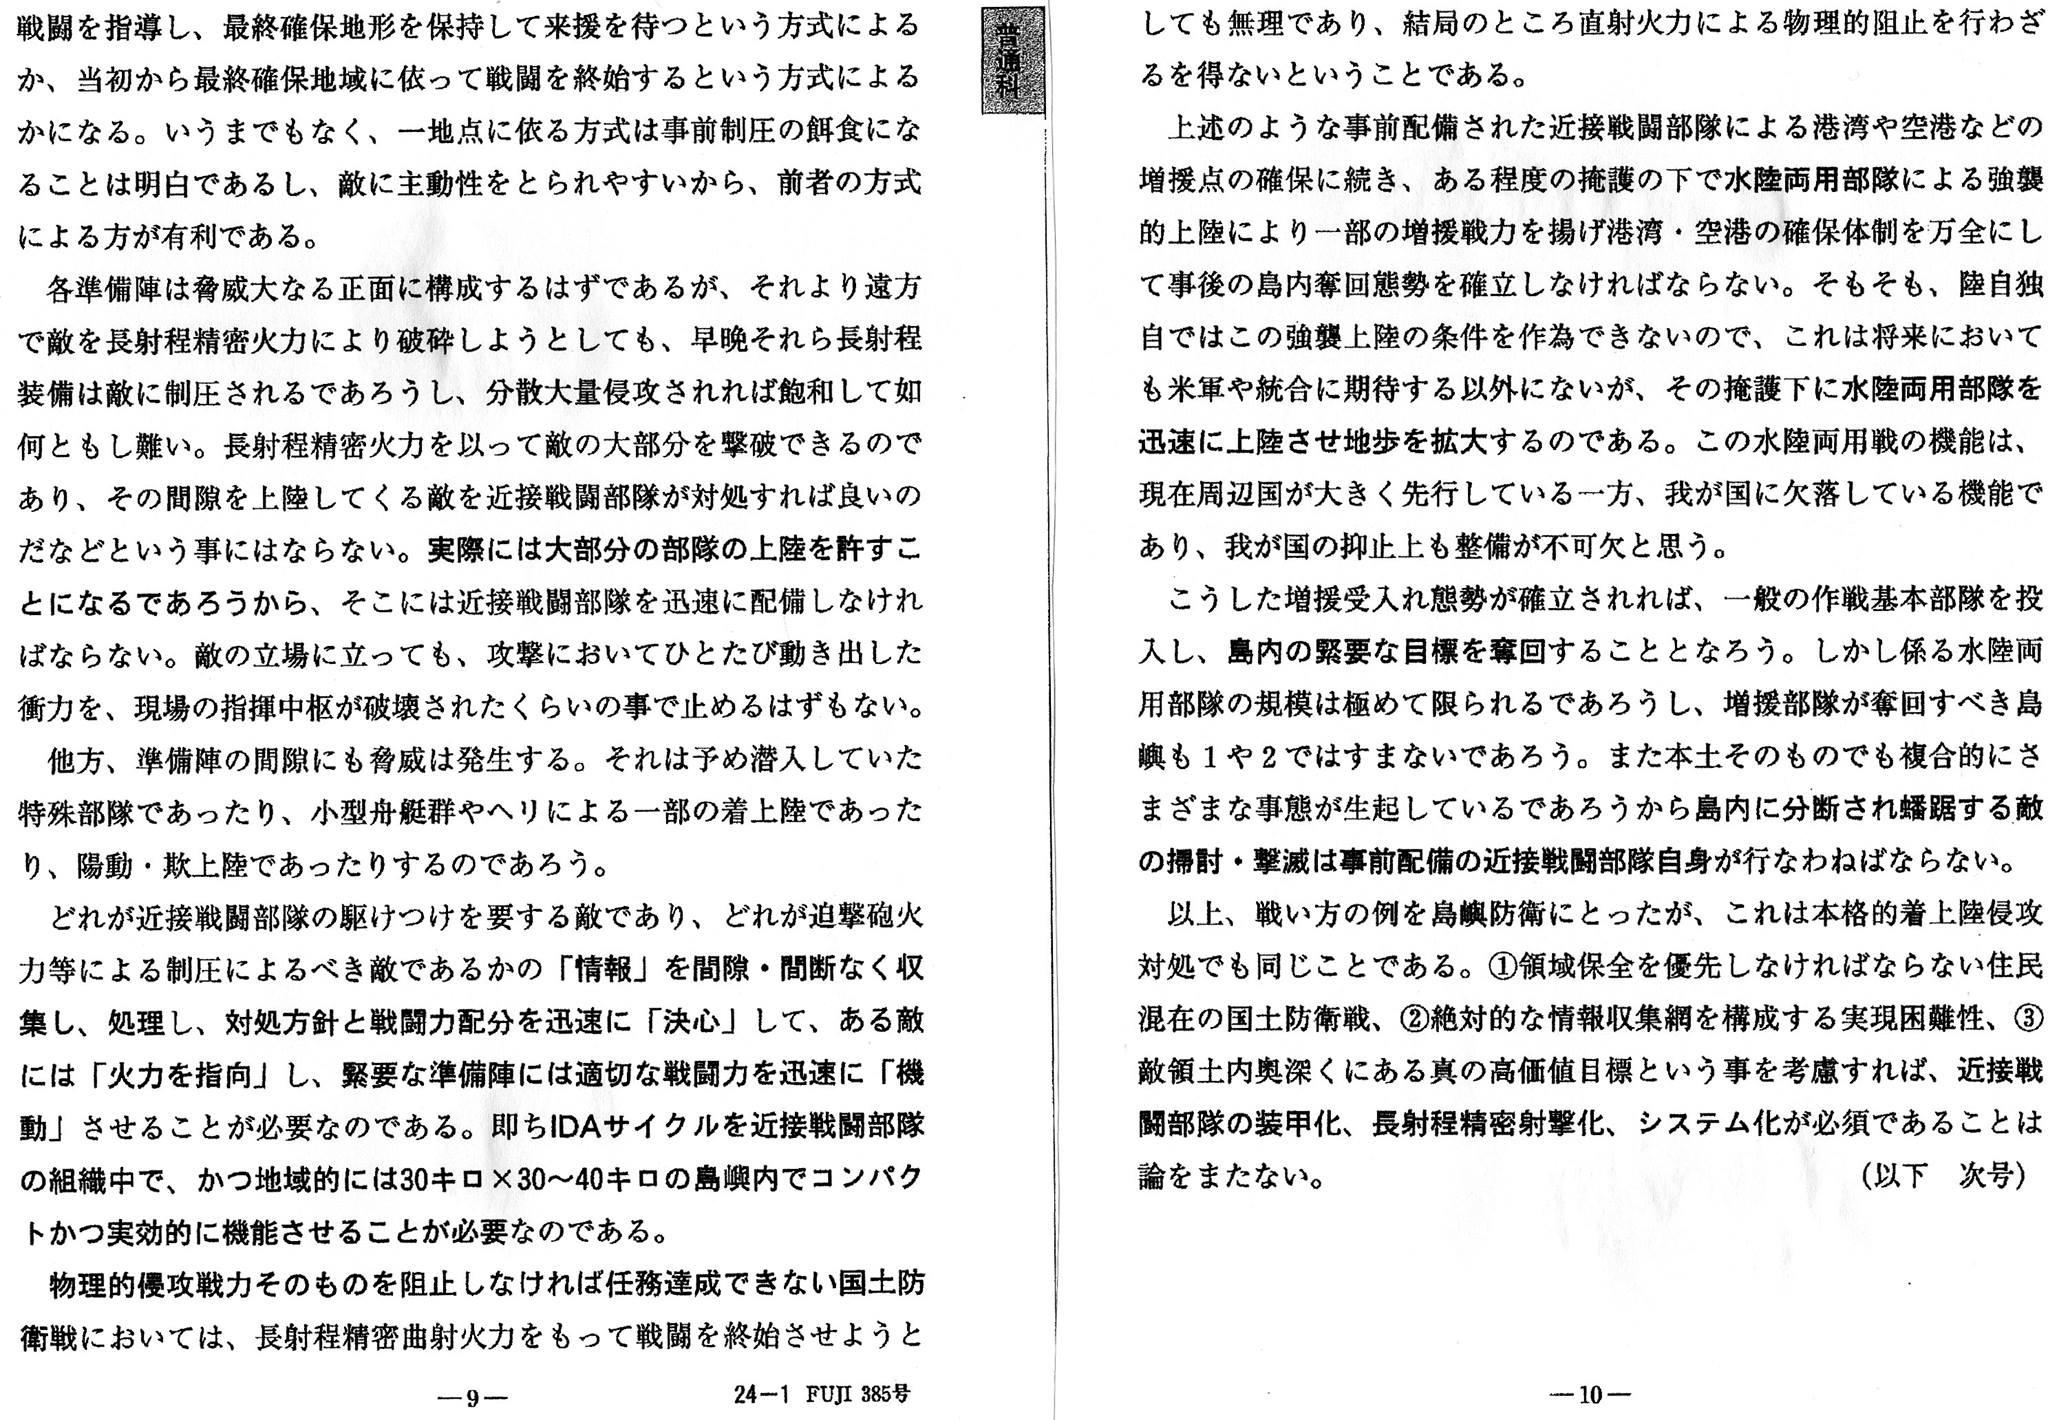 Fujo385 zuihitsu02